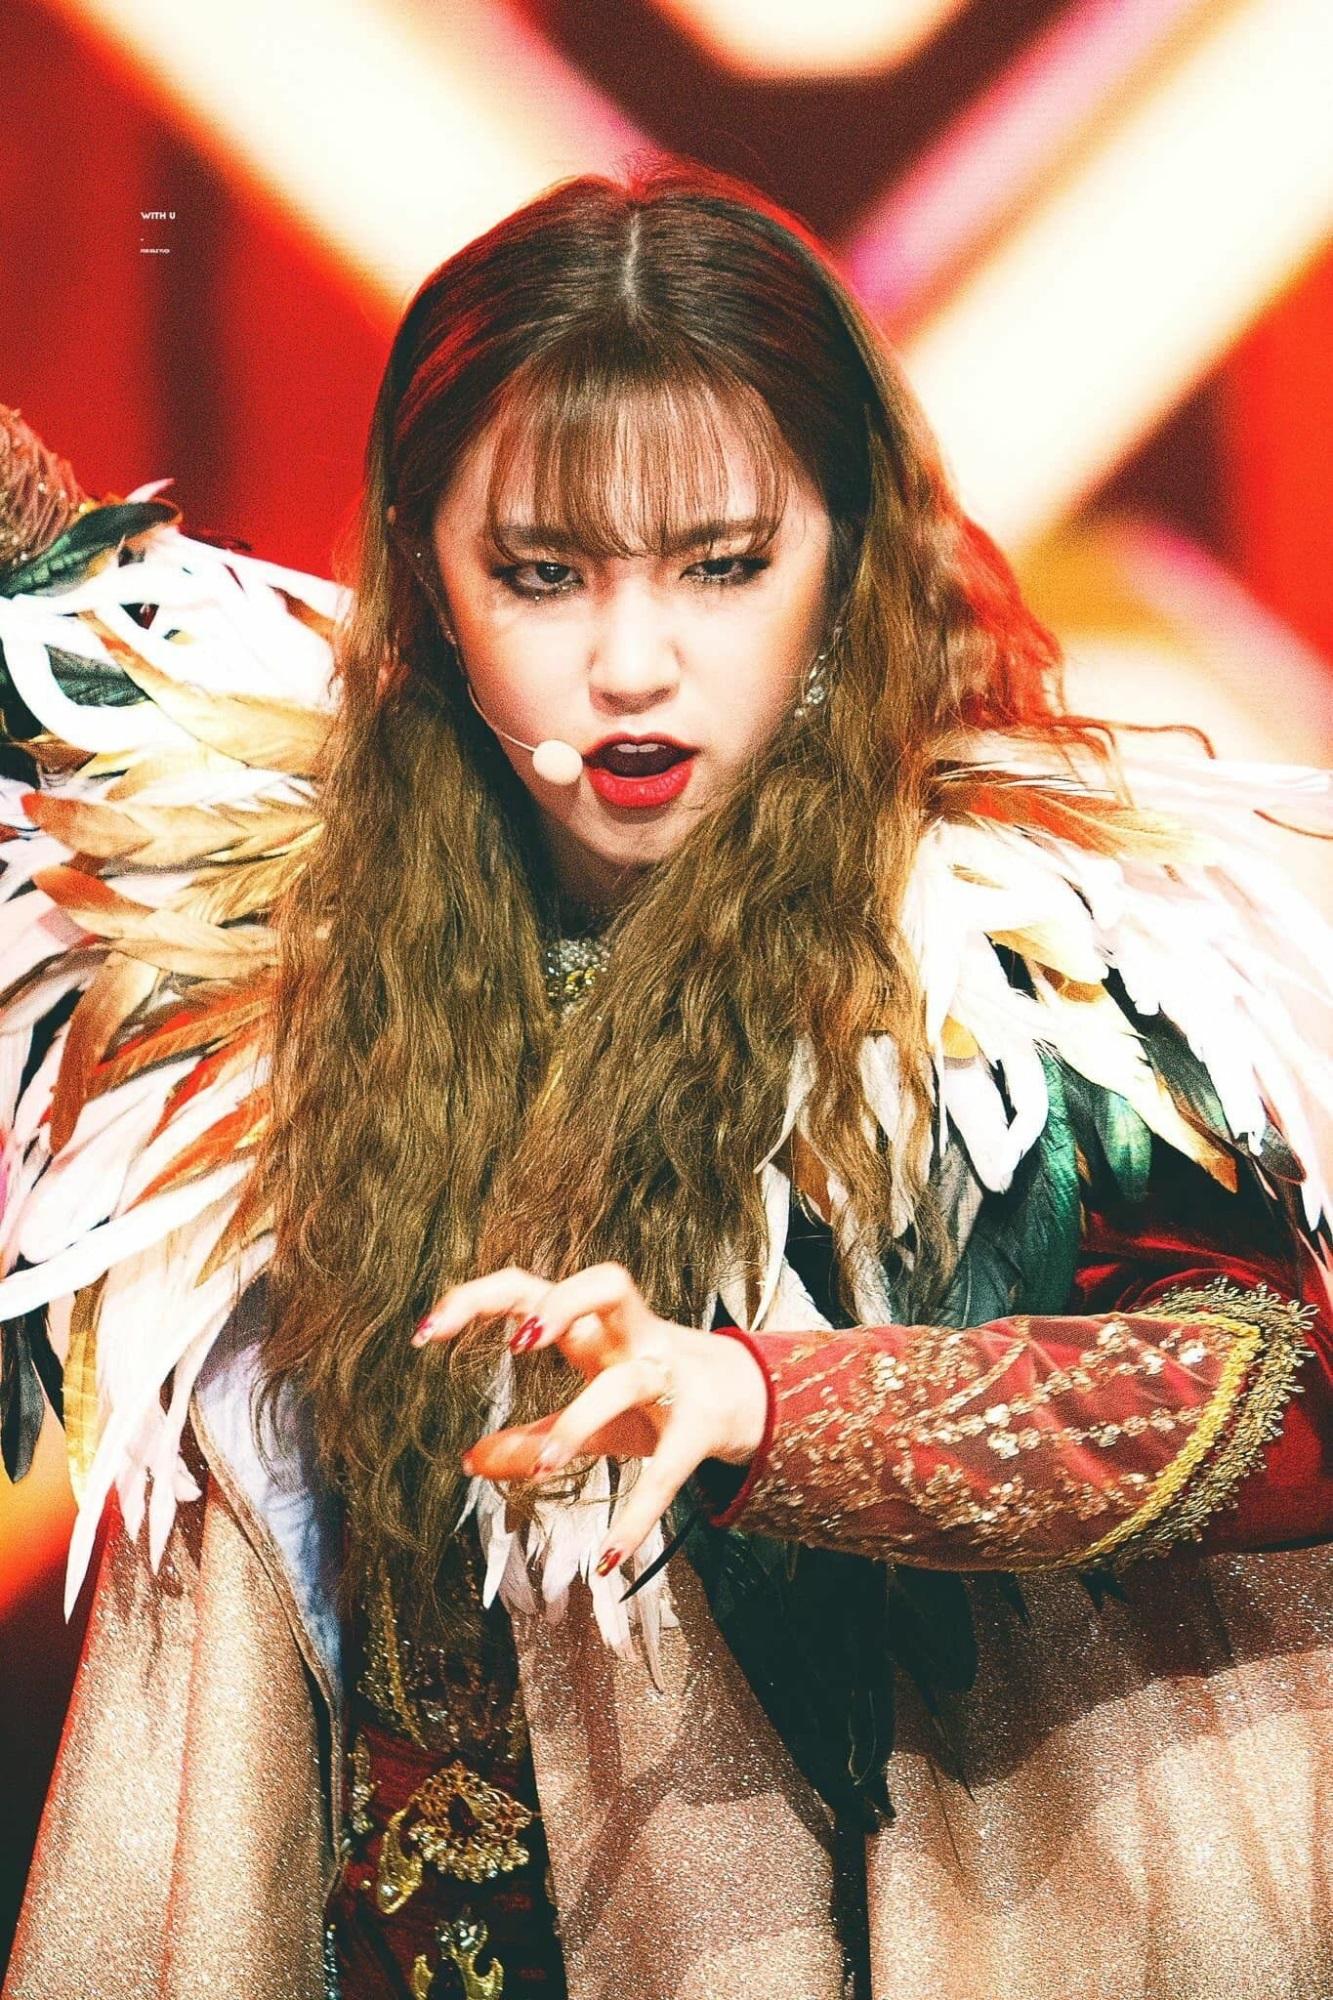 Nếu chung một lớp, những girlgroup Kpop sẽ là mẫu nữ sinh nào? - Ảnh 17